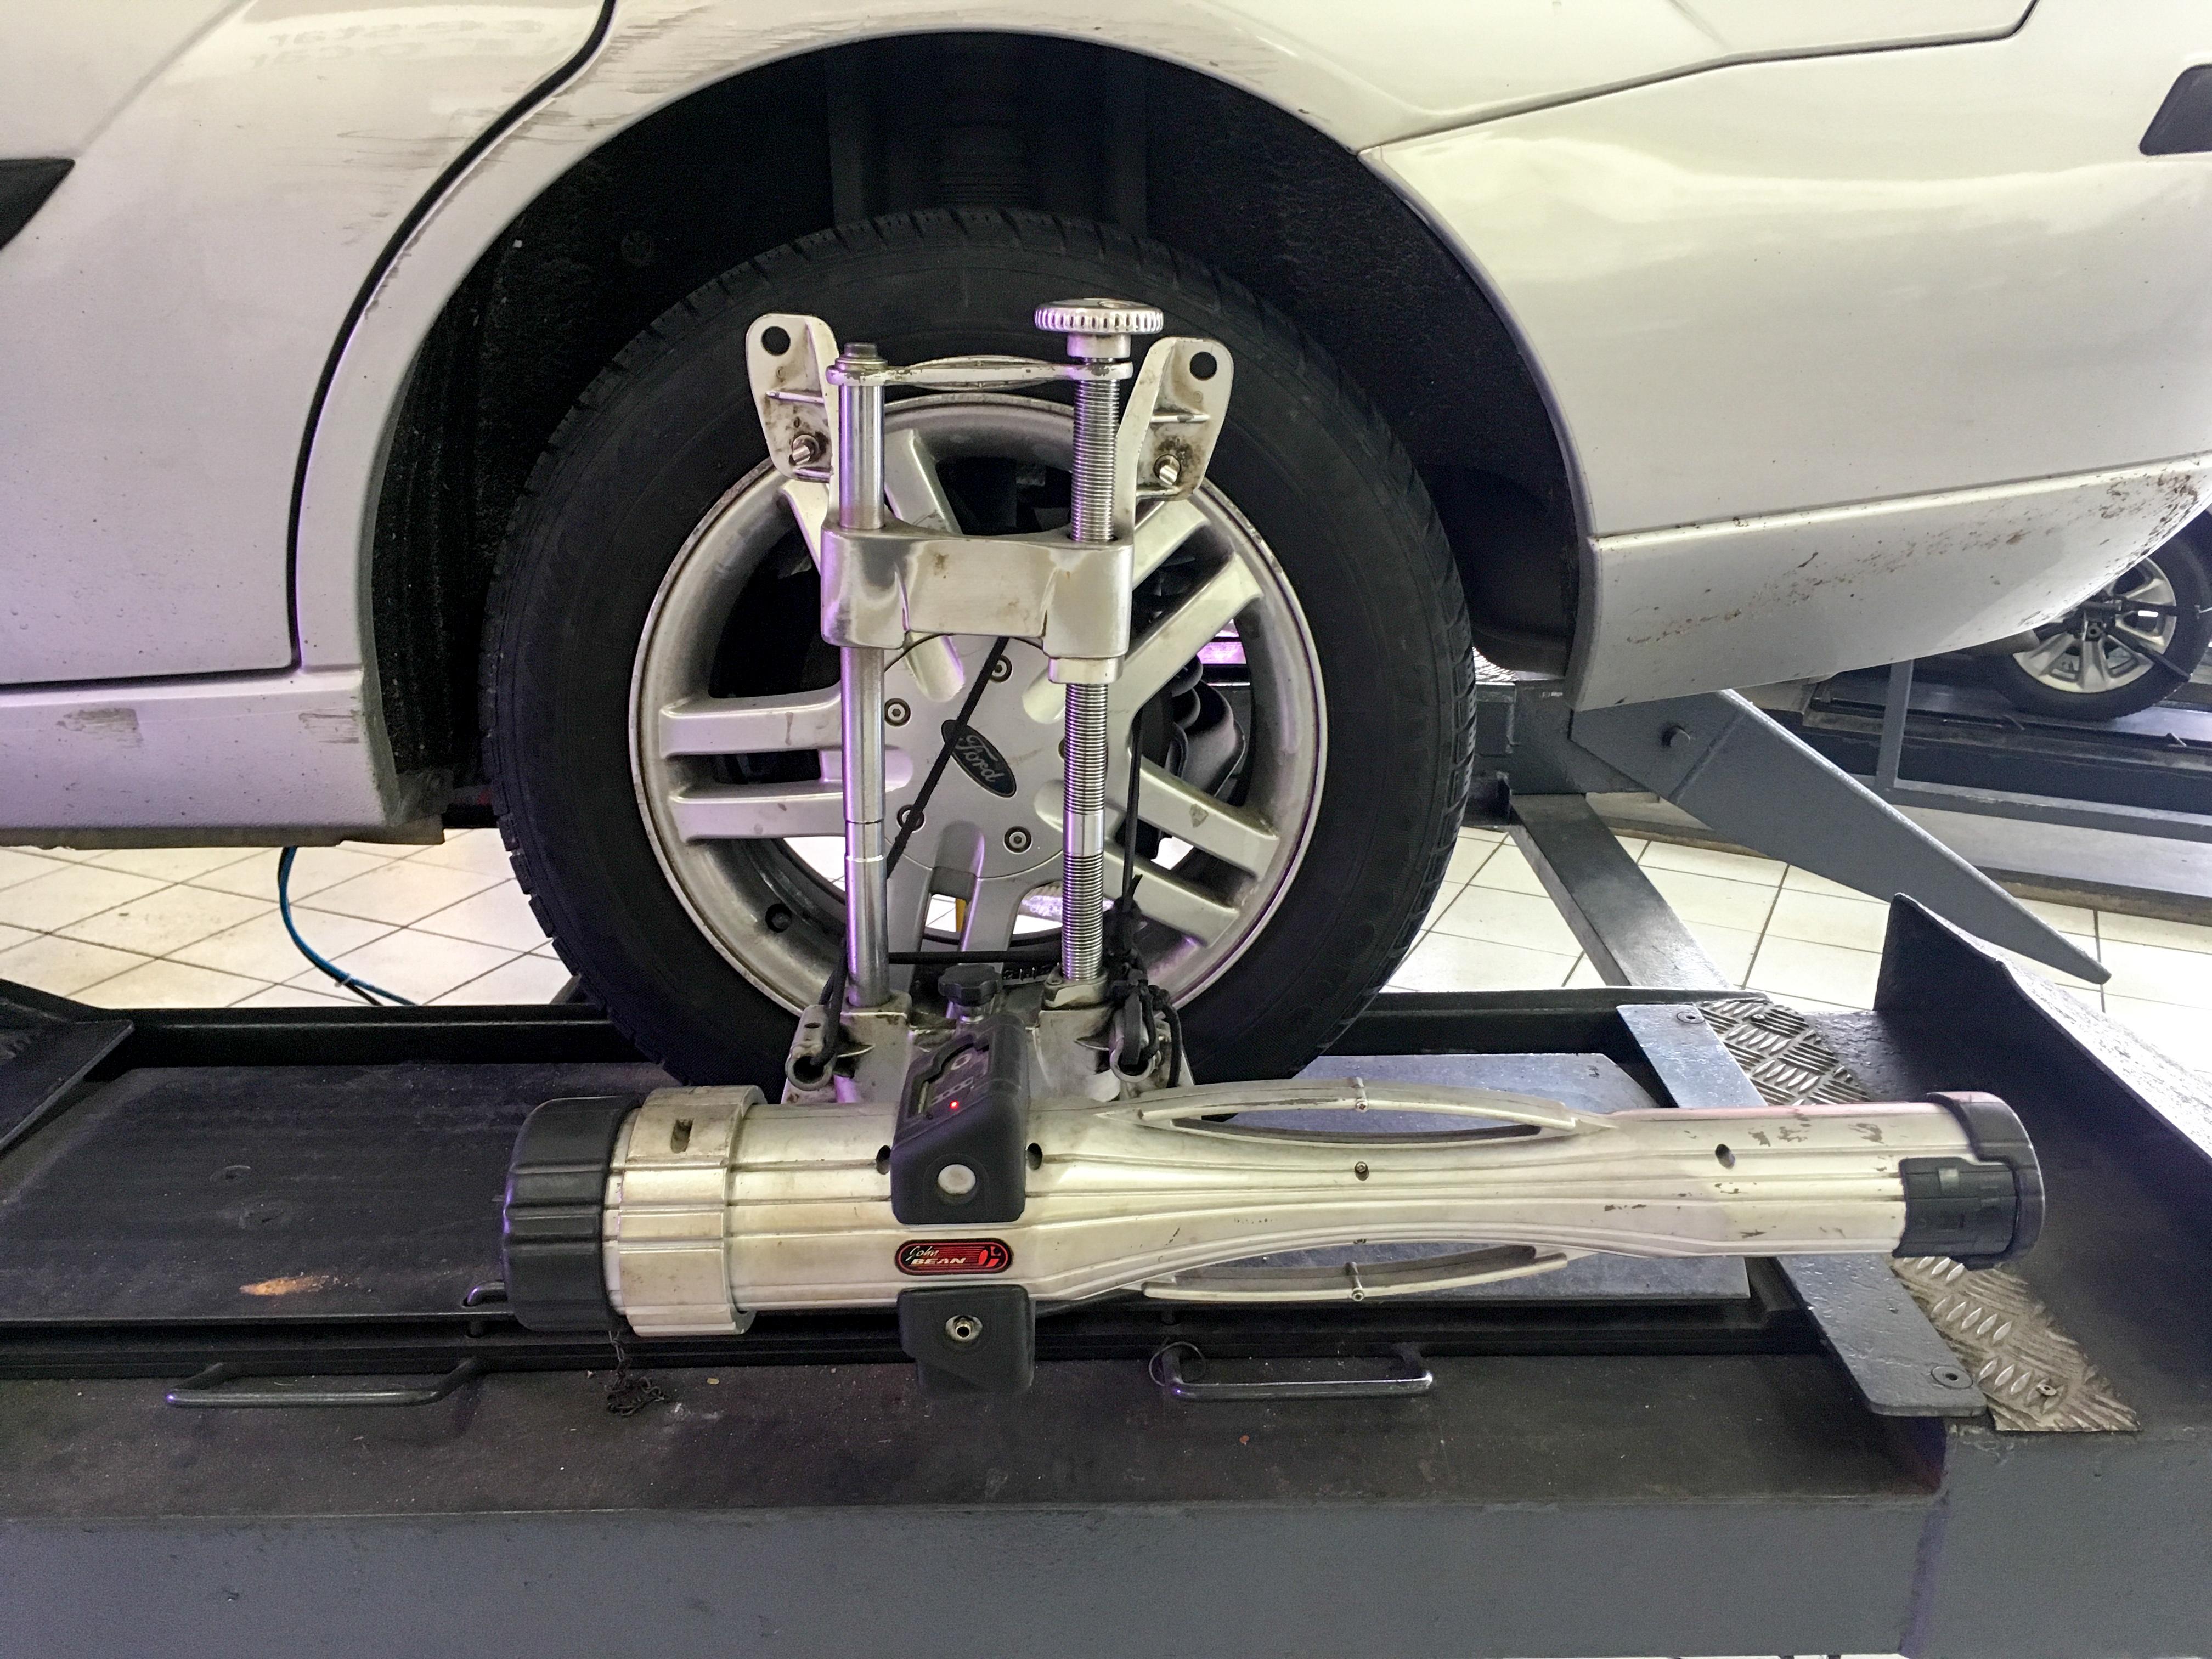 Читать всем: почему так важно проверять геометрию кузова своего авто